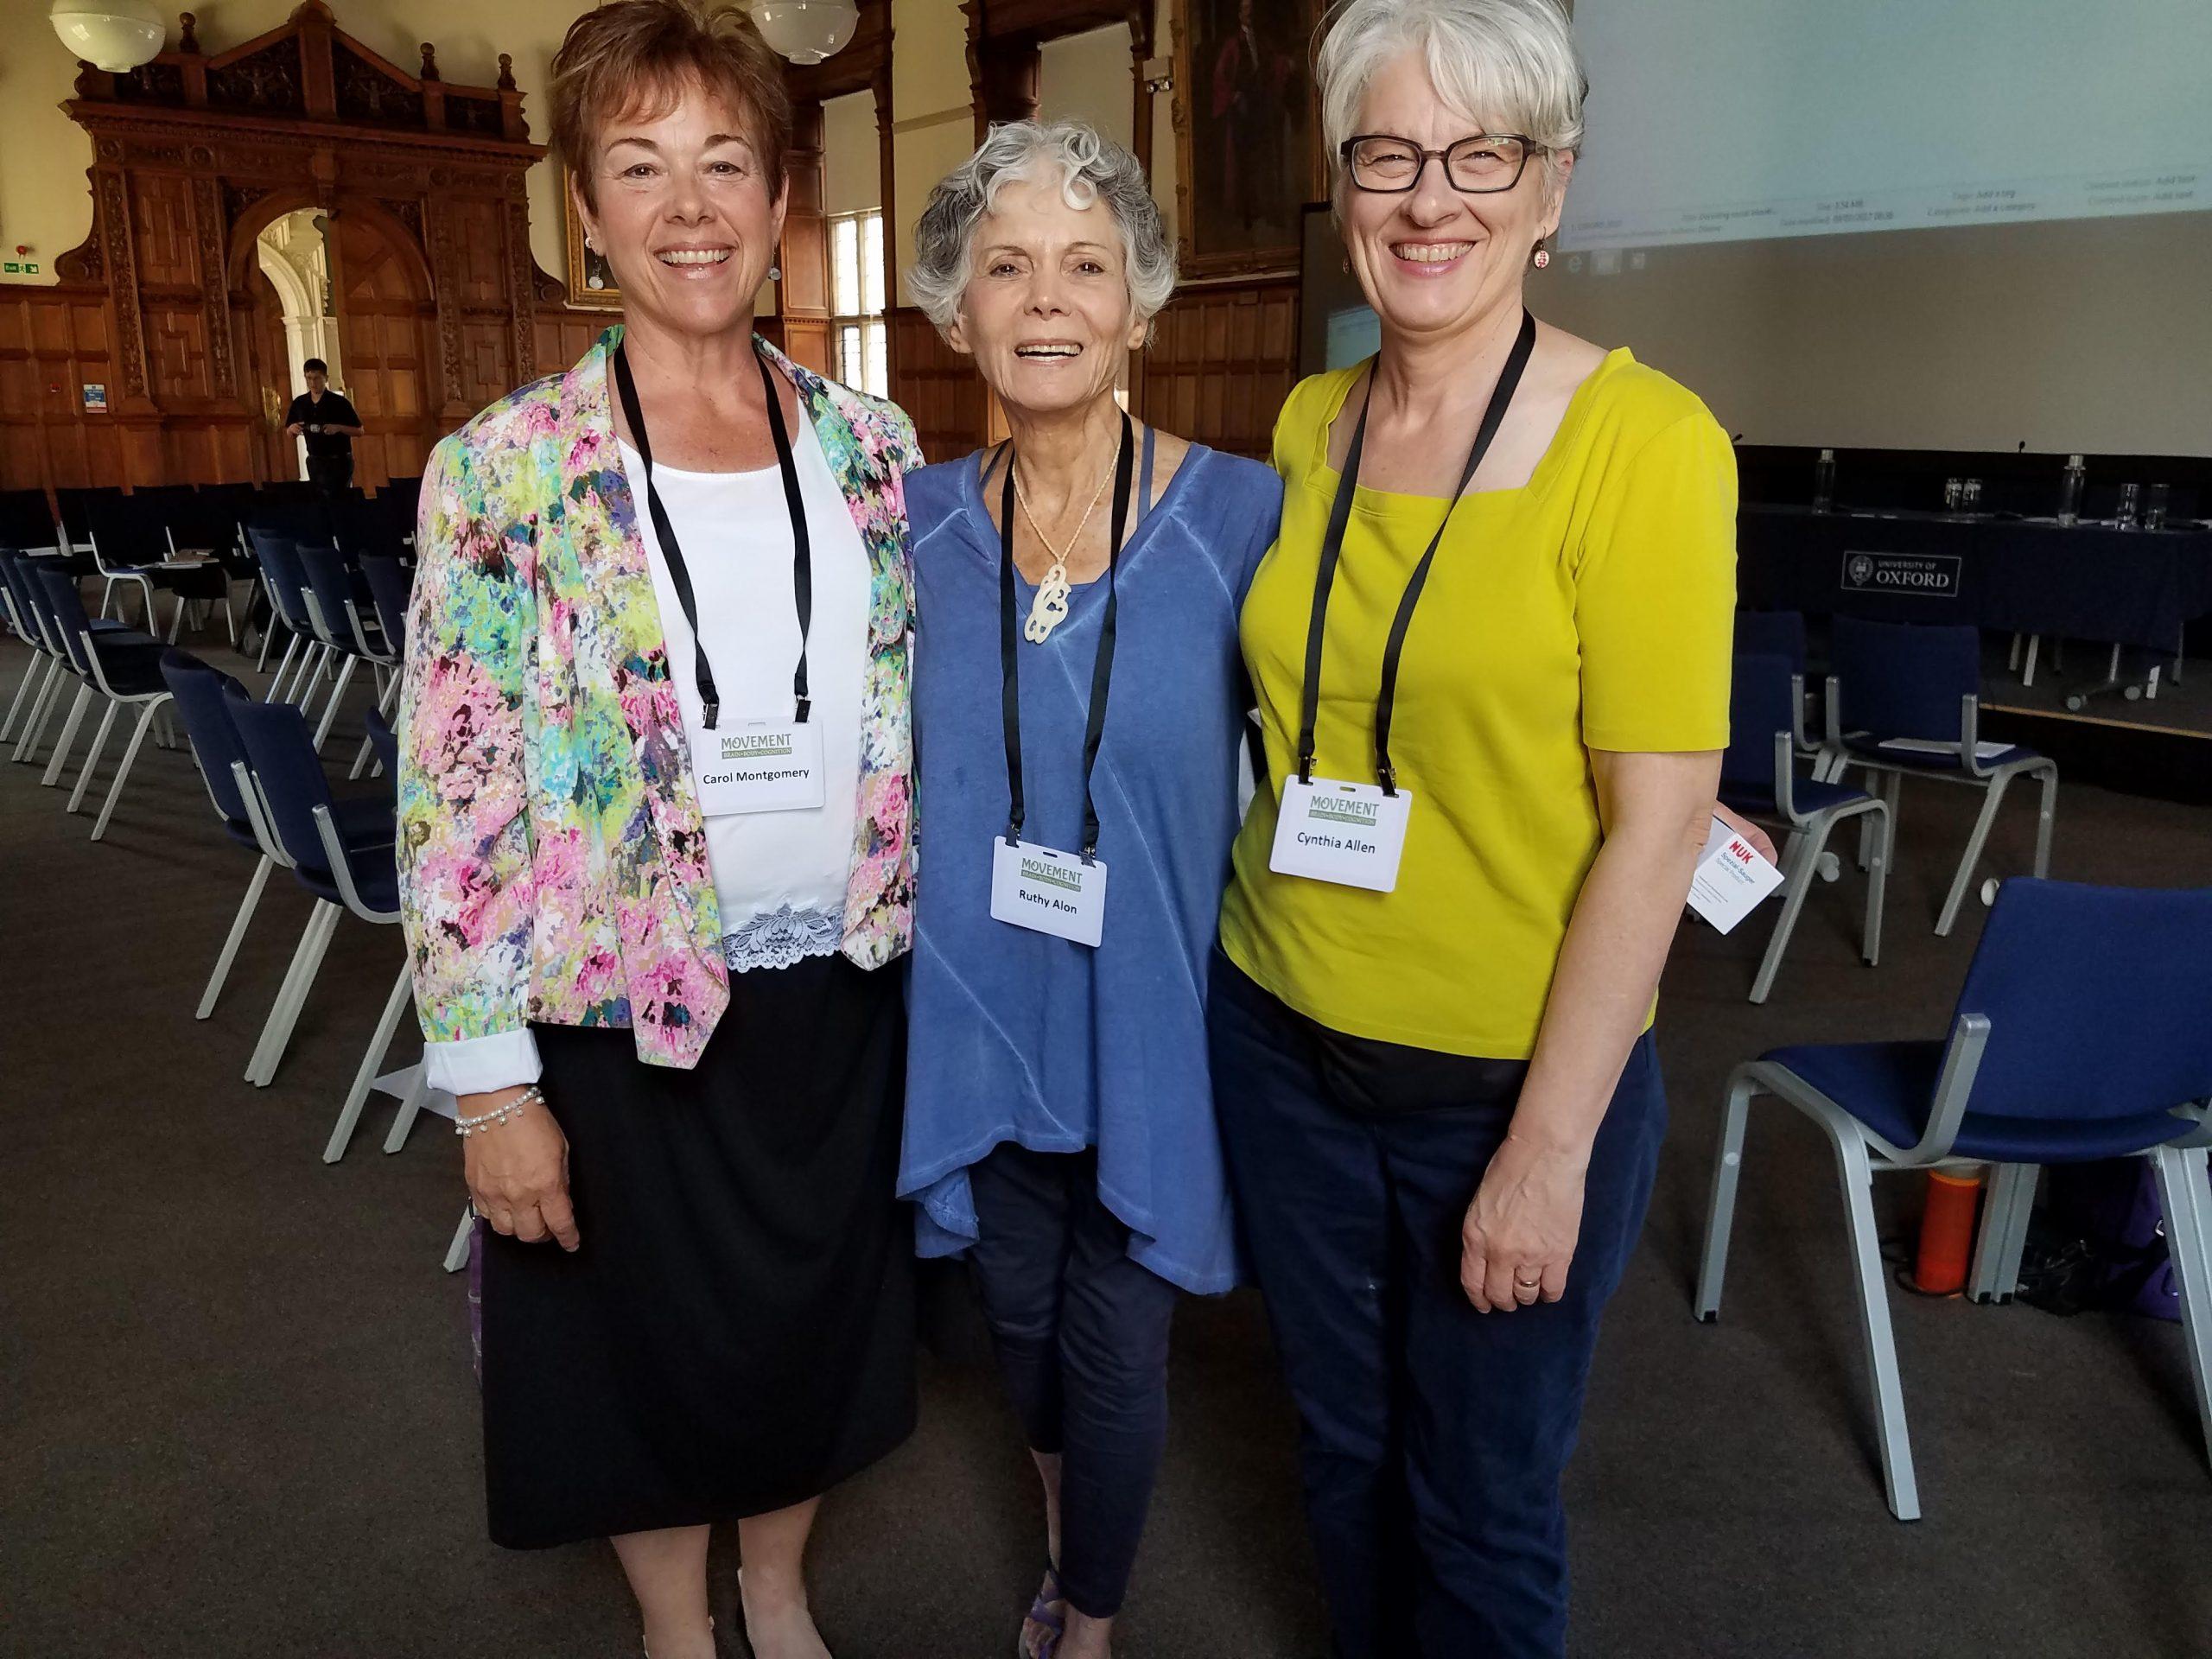 Carol Montgomery, Ruthy Alon, Cynthia Allen